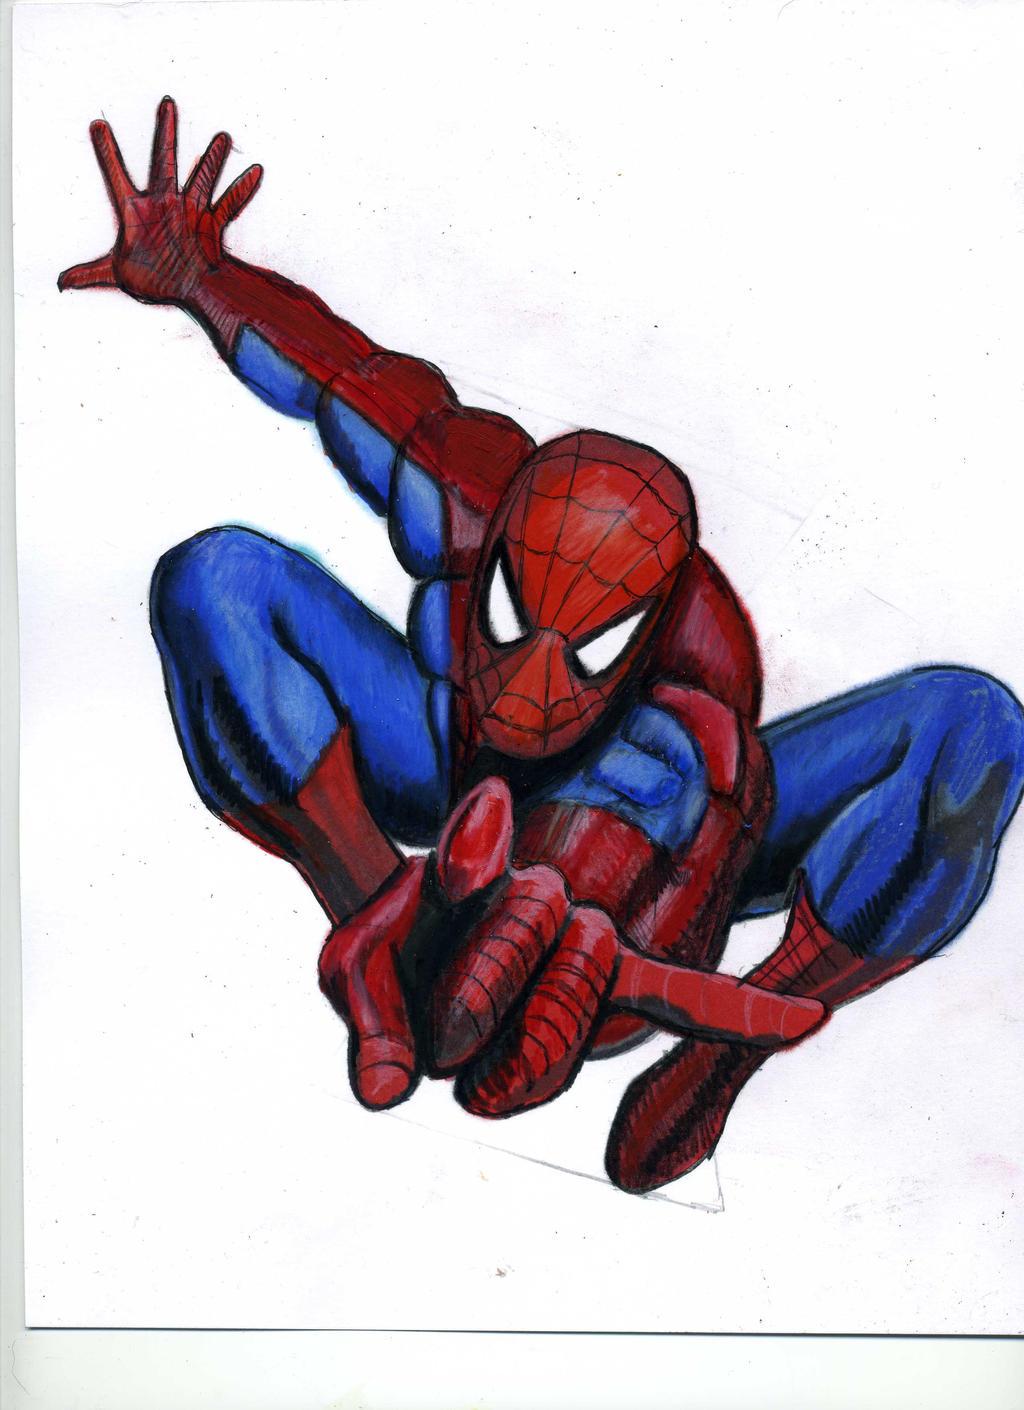 Spiderman Tutorial Image from kazanjianm(YouTube)